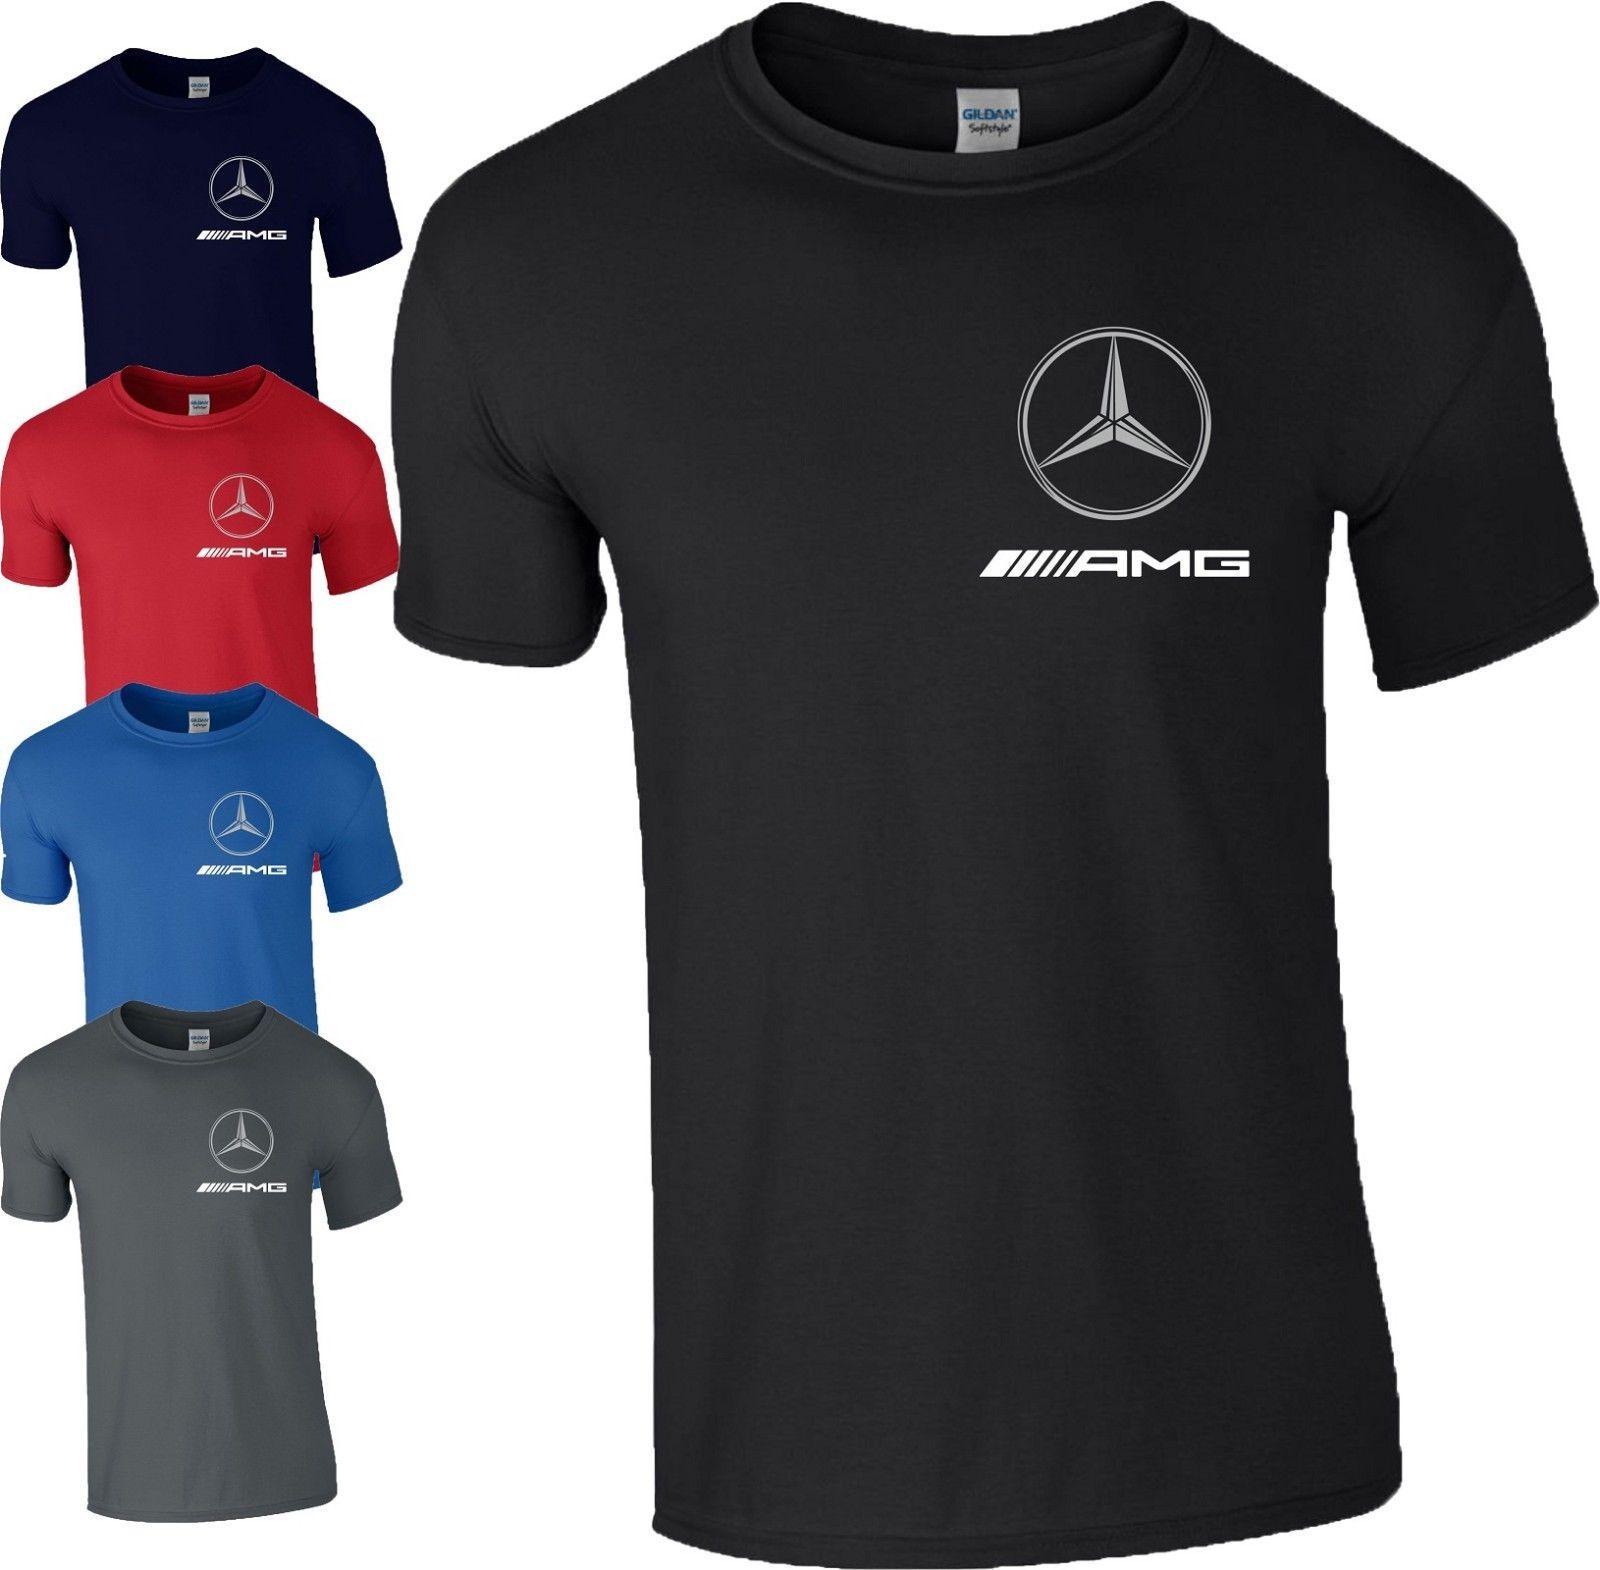 mercedes amg logo t shirt f1 formula one motorsport racing. Black Bedroom Furniture Sets. Home Design Ideas